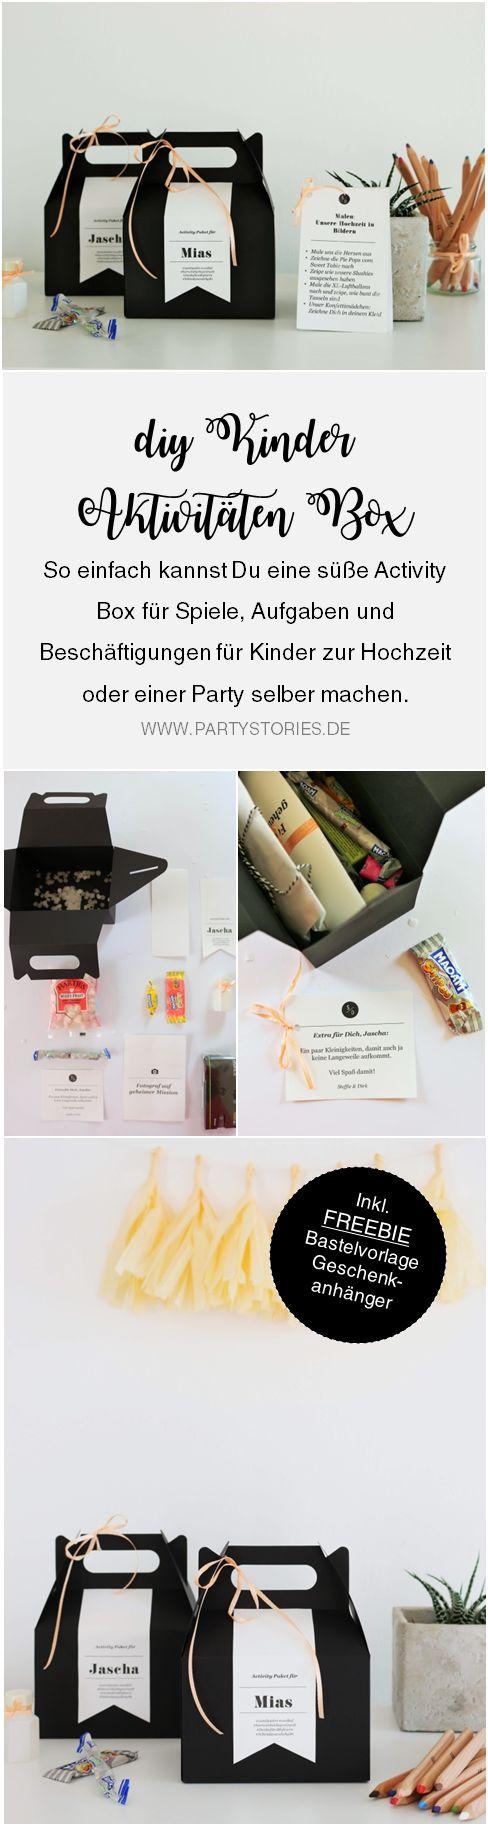 So einfach kannst Du eine DIY Kinder Aktivitäten und Spiele Box als Idee für die Hochzeit oder eine Party selber basteln. Inklusive Freebie Bastelvorlage für zum Ausdrucken als Geschenkanhänger; gefunden auf www.partystories.de